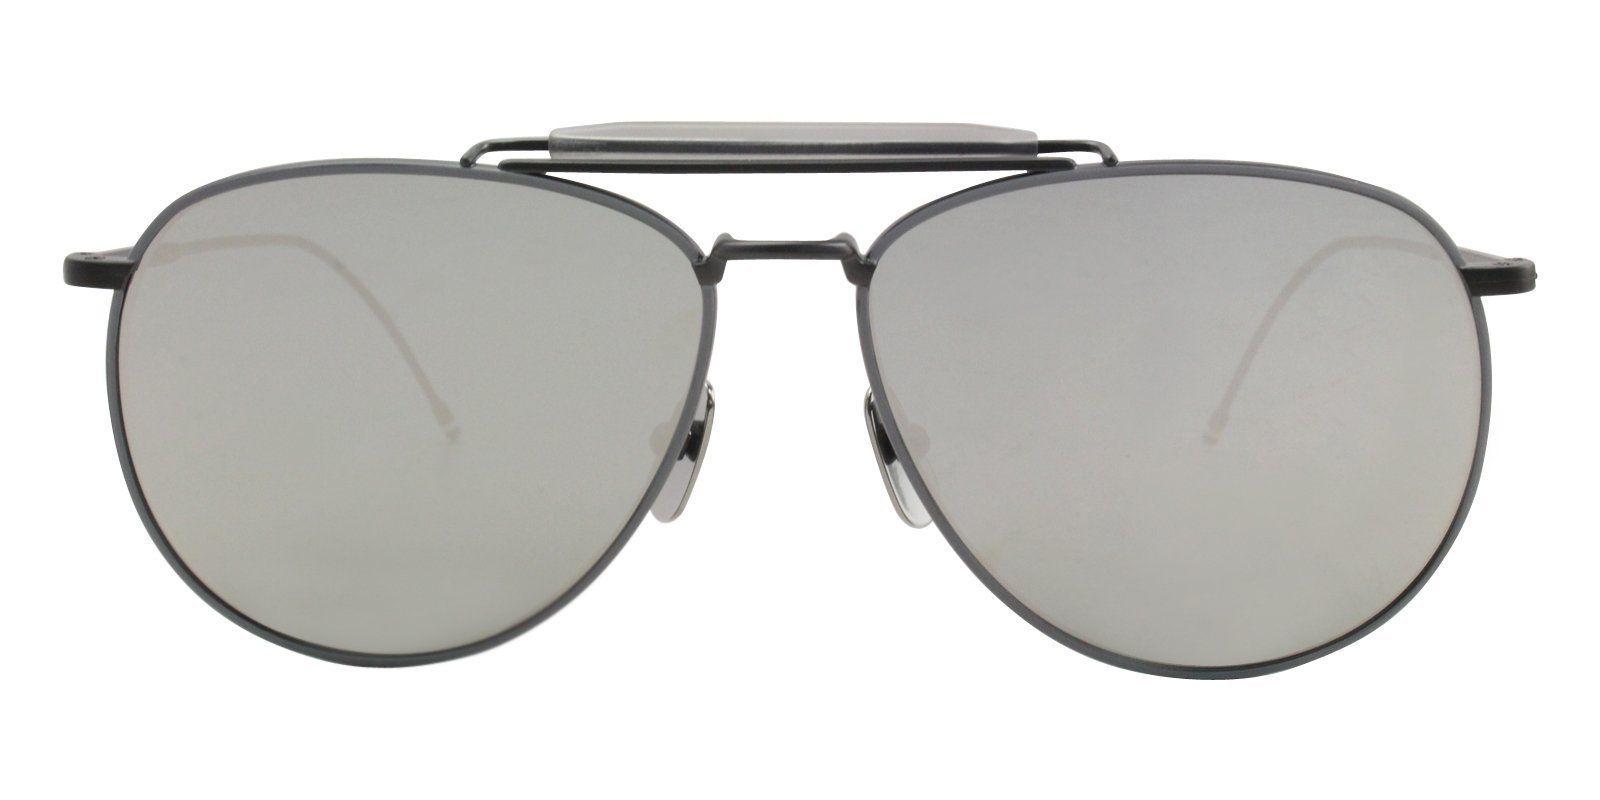 790d8336e8e Thom Browne - TB-015 LTD Black Iron - Grey - Dark Grey - Silver Mirror - AR